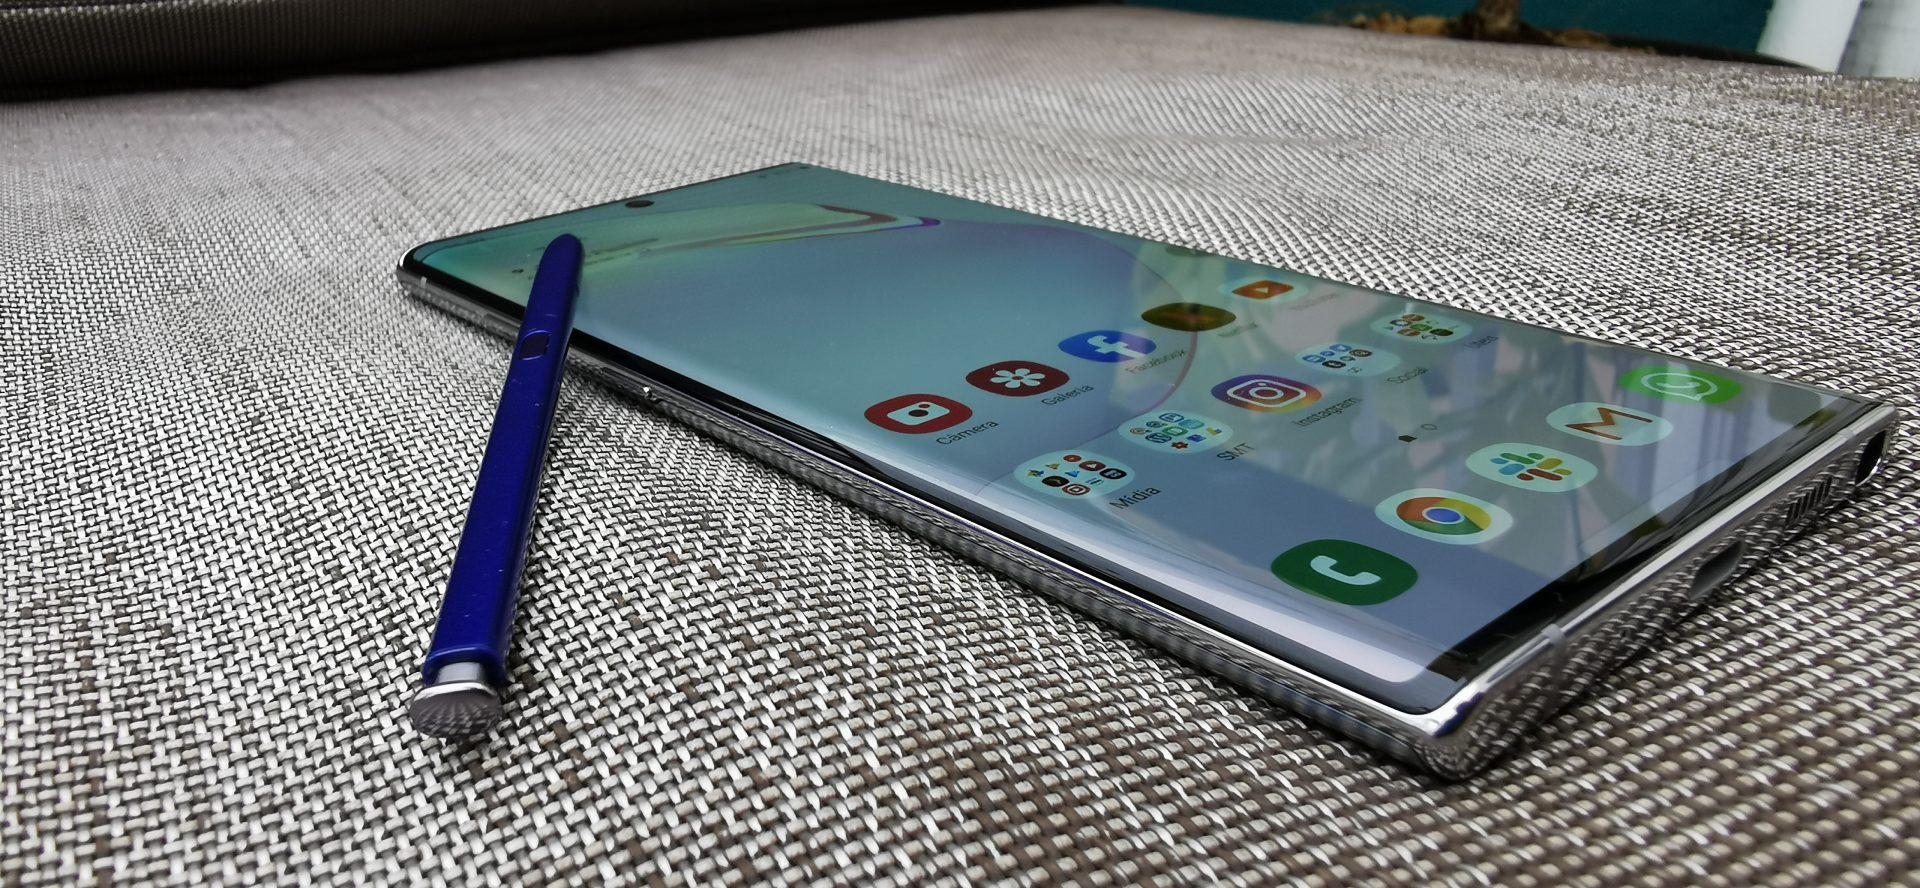 Nova S Pen ganhou um giroscópio que realiza os Air Actions, interação com o Galaxy Note 10 apenas com gestos